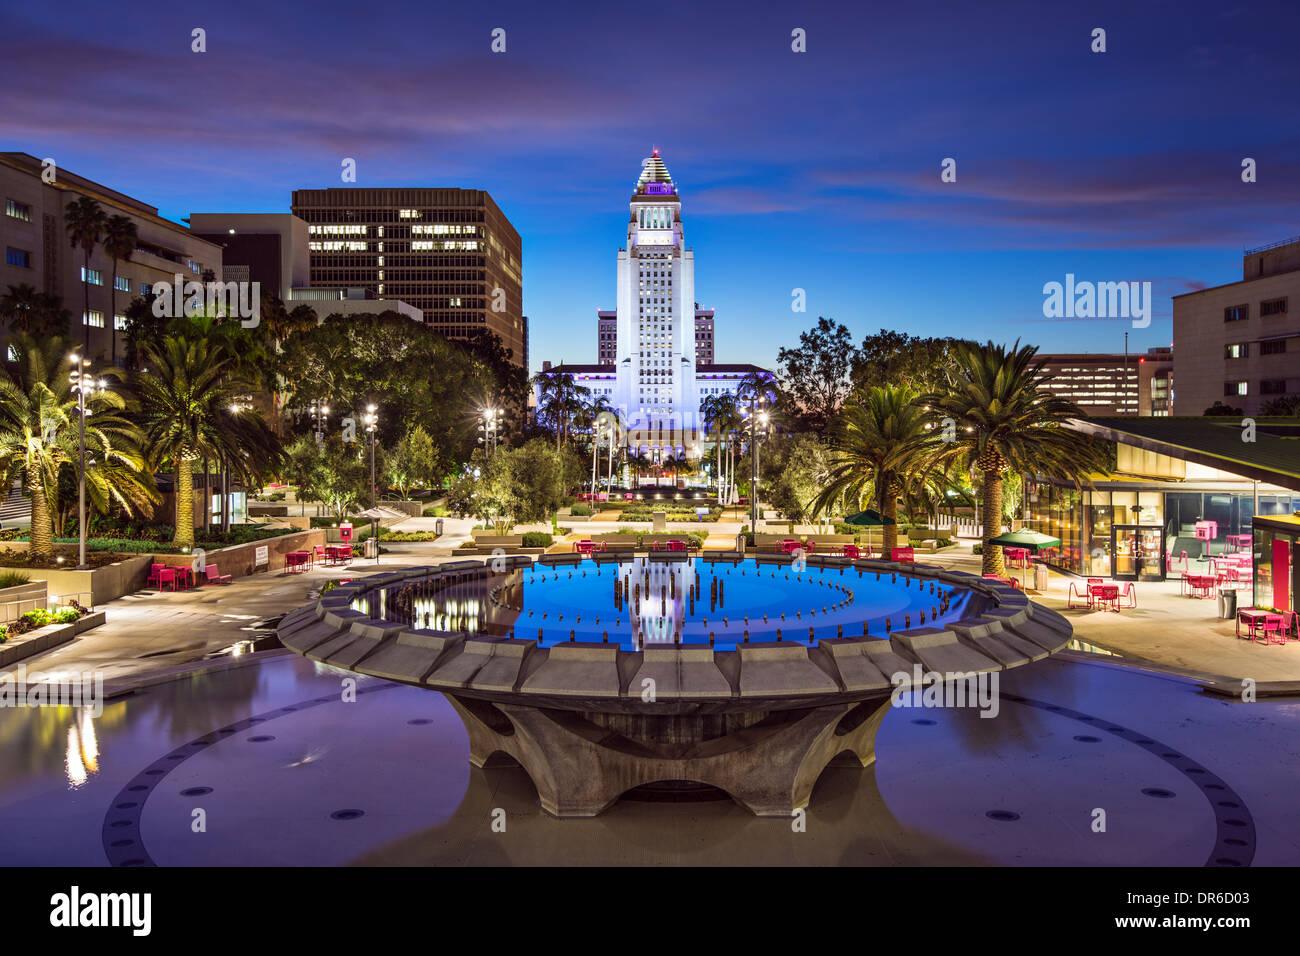 Los Angeles, Californie, à l'Hôtel de Ville. Photo Stock